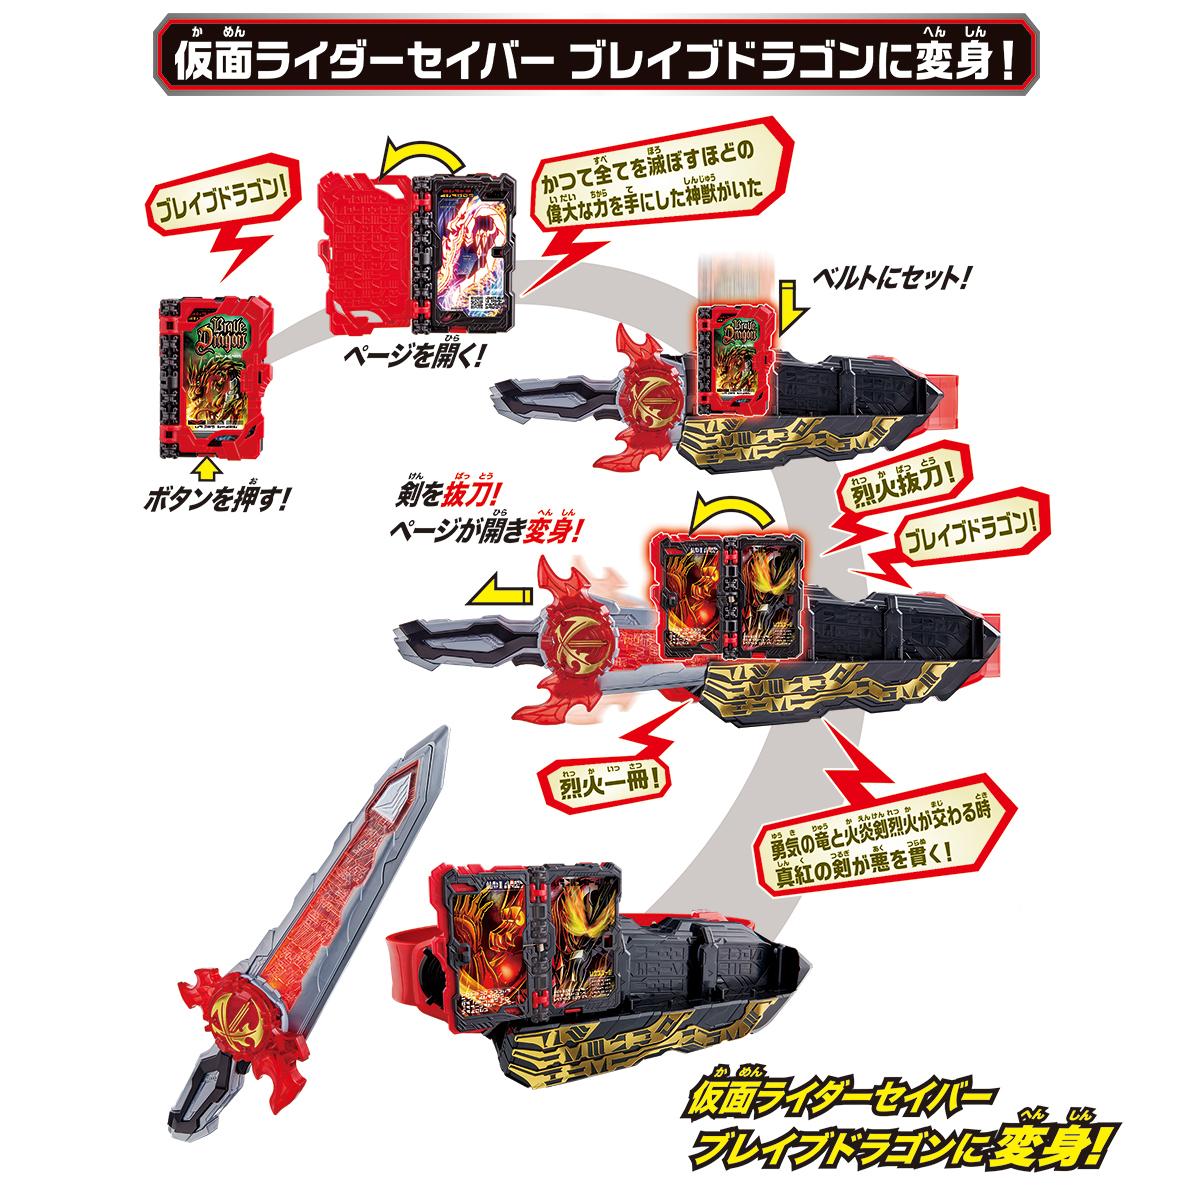 変身ベルト『DX聖剣ソードライバー』仮面ライダーセイバー 変身なりきり-004